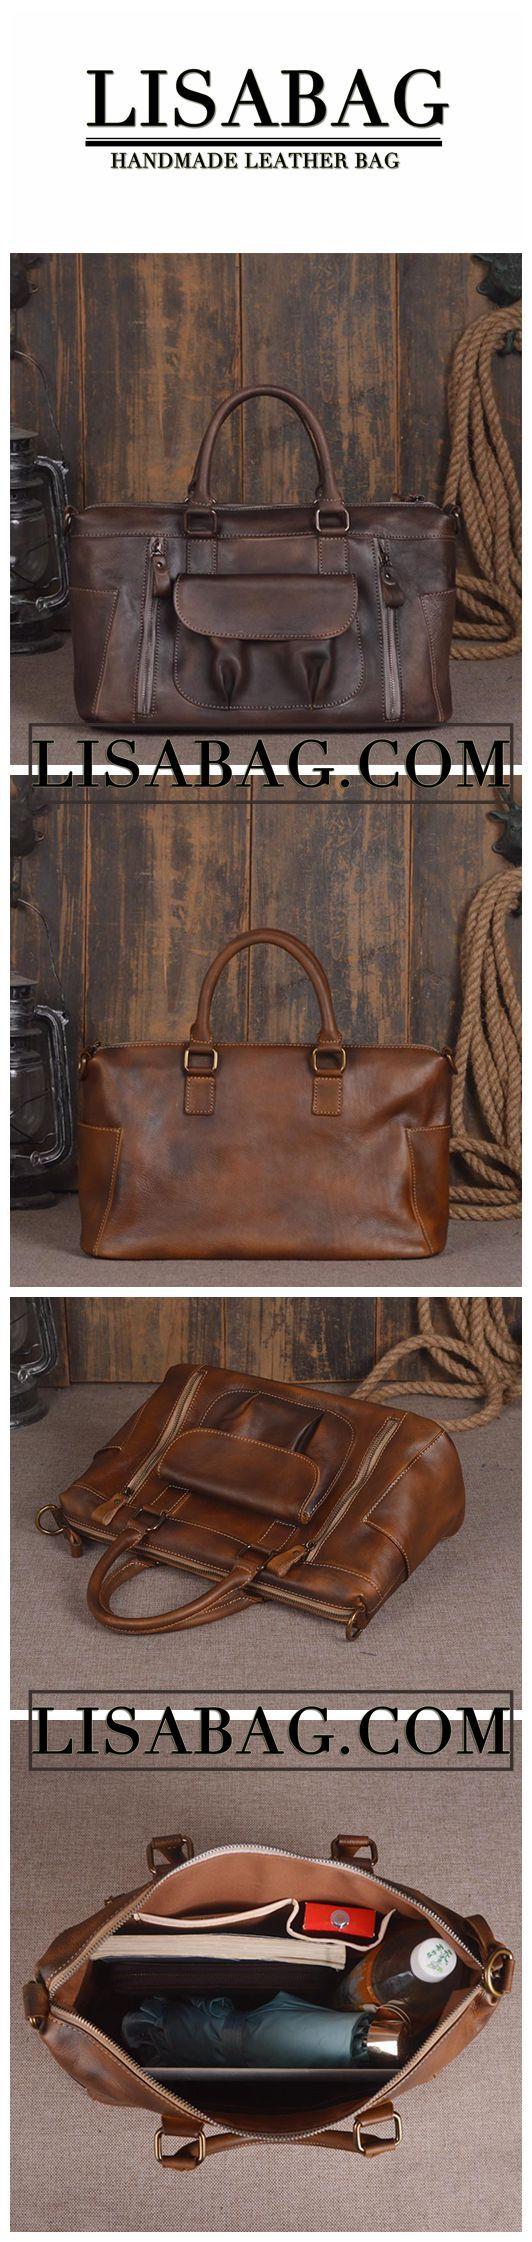 Handmade Leather Briefcase Messenger Bag Laptop Bag Men's Business Handbag in Navy 14136